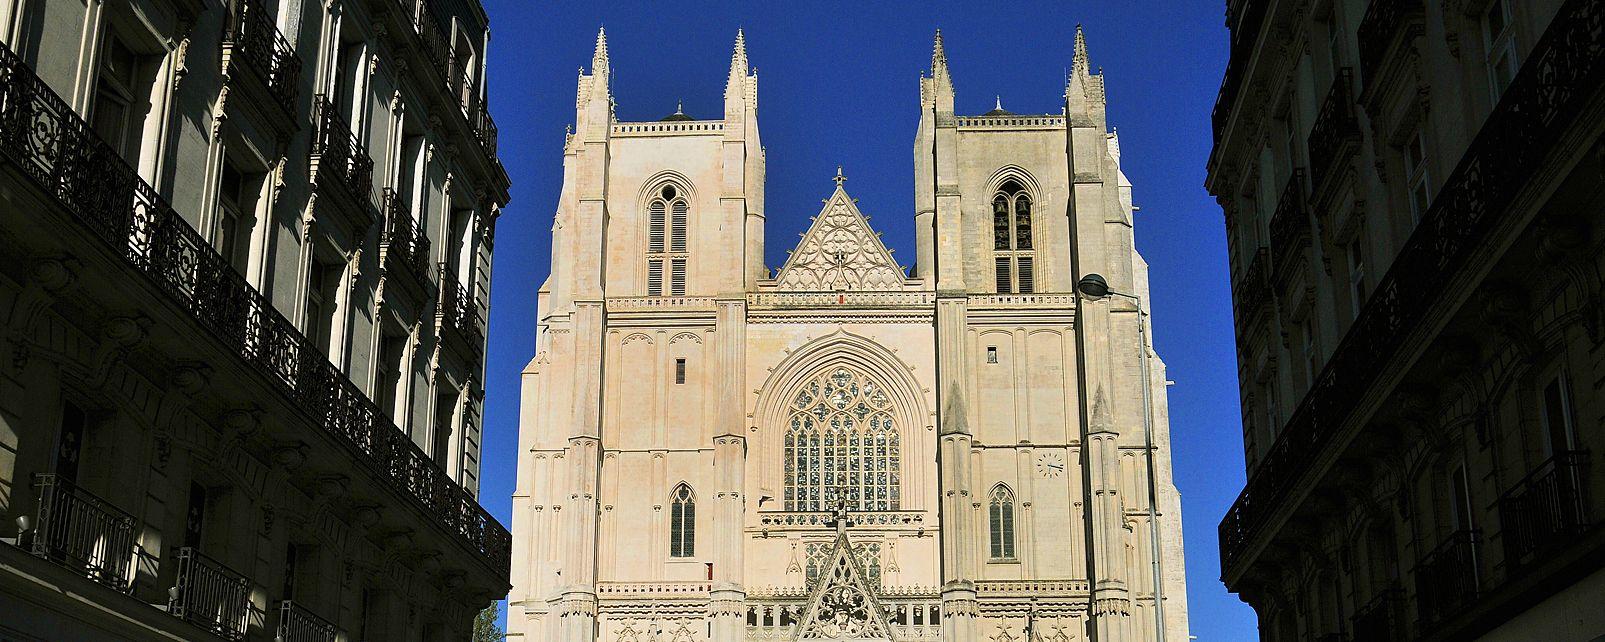 La catedral de Nantes, Cathédrale Saint-Pierre et Saint-Paul de Nantes, Los monumentos, Nantes, Pais del Loira